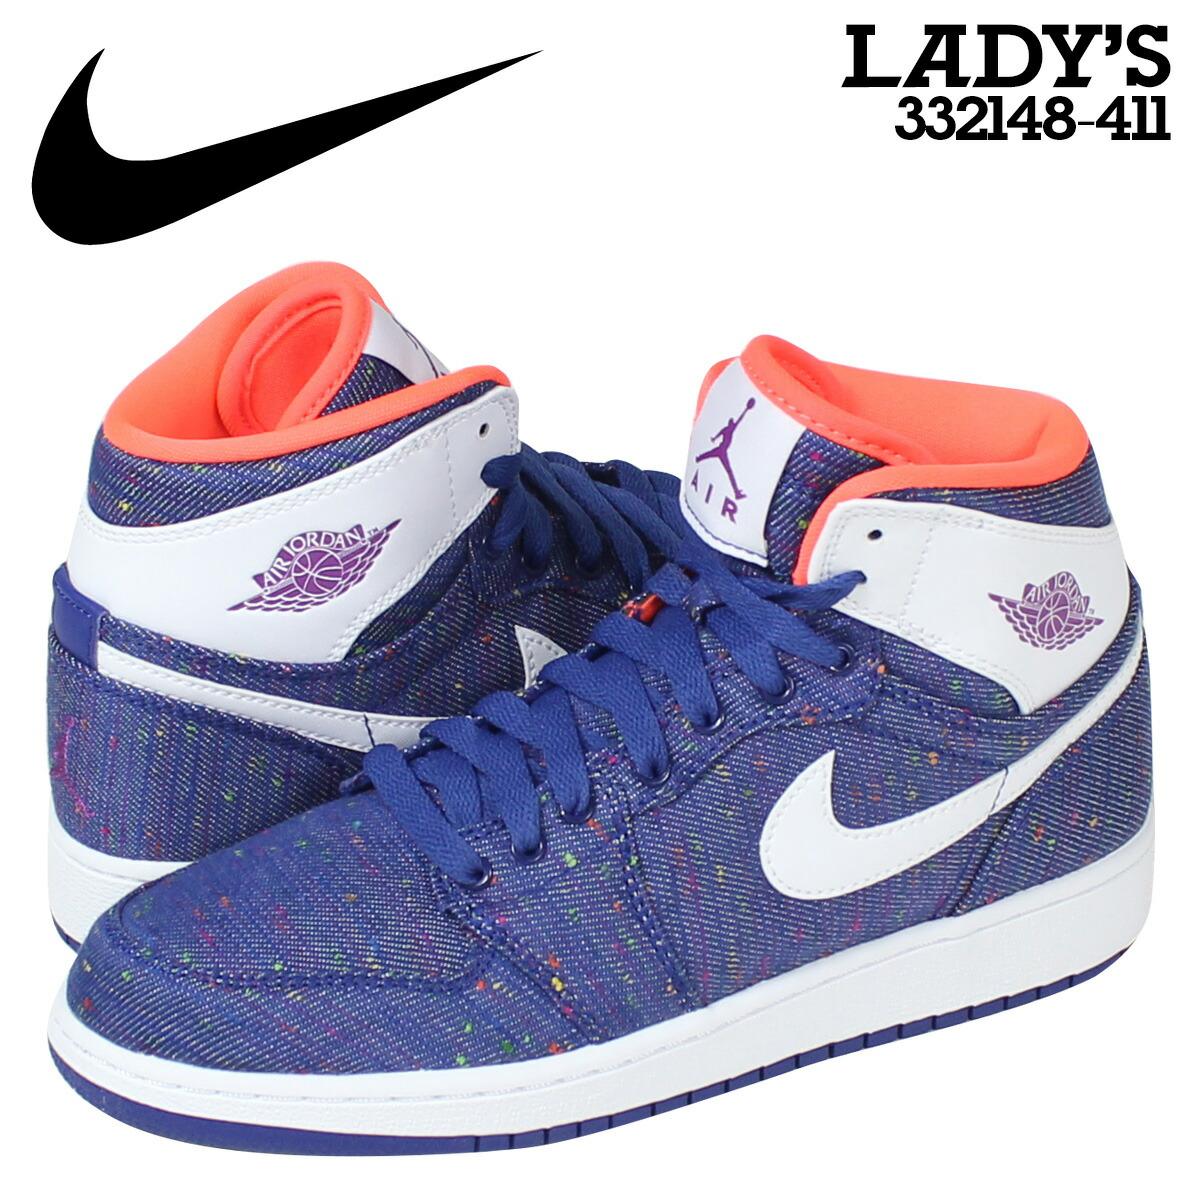 Shop jordan shoes online